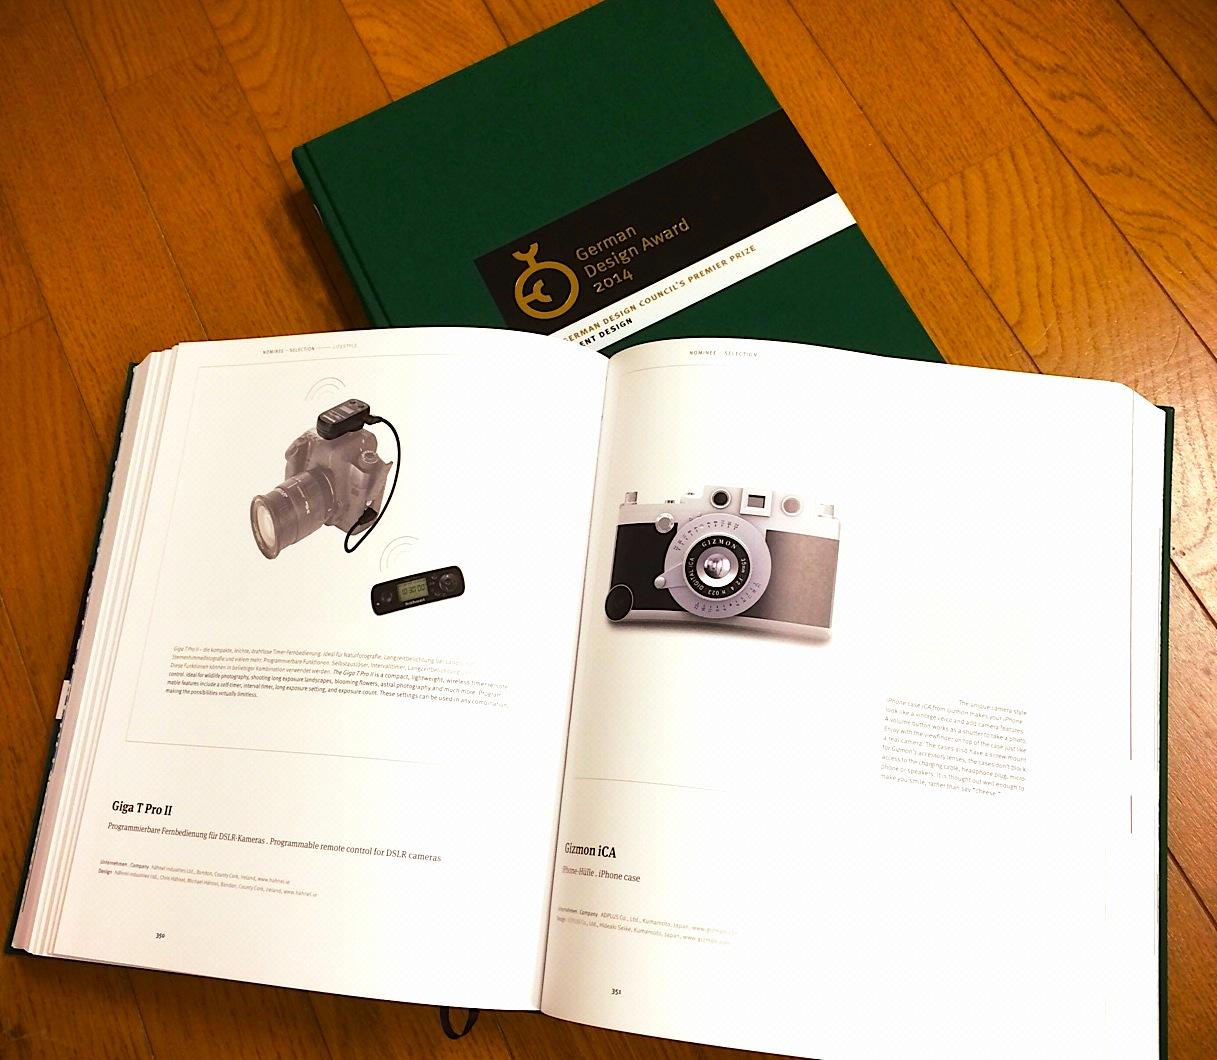 """""""German Design Award 2014″の年鑑にGIMZON iCAが掲載されました"""